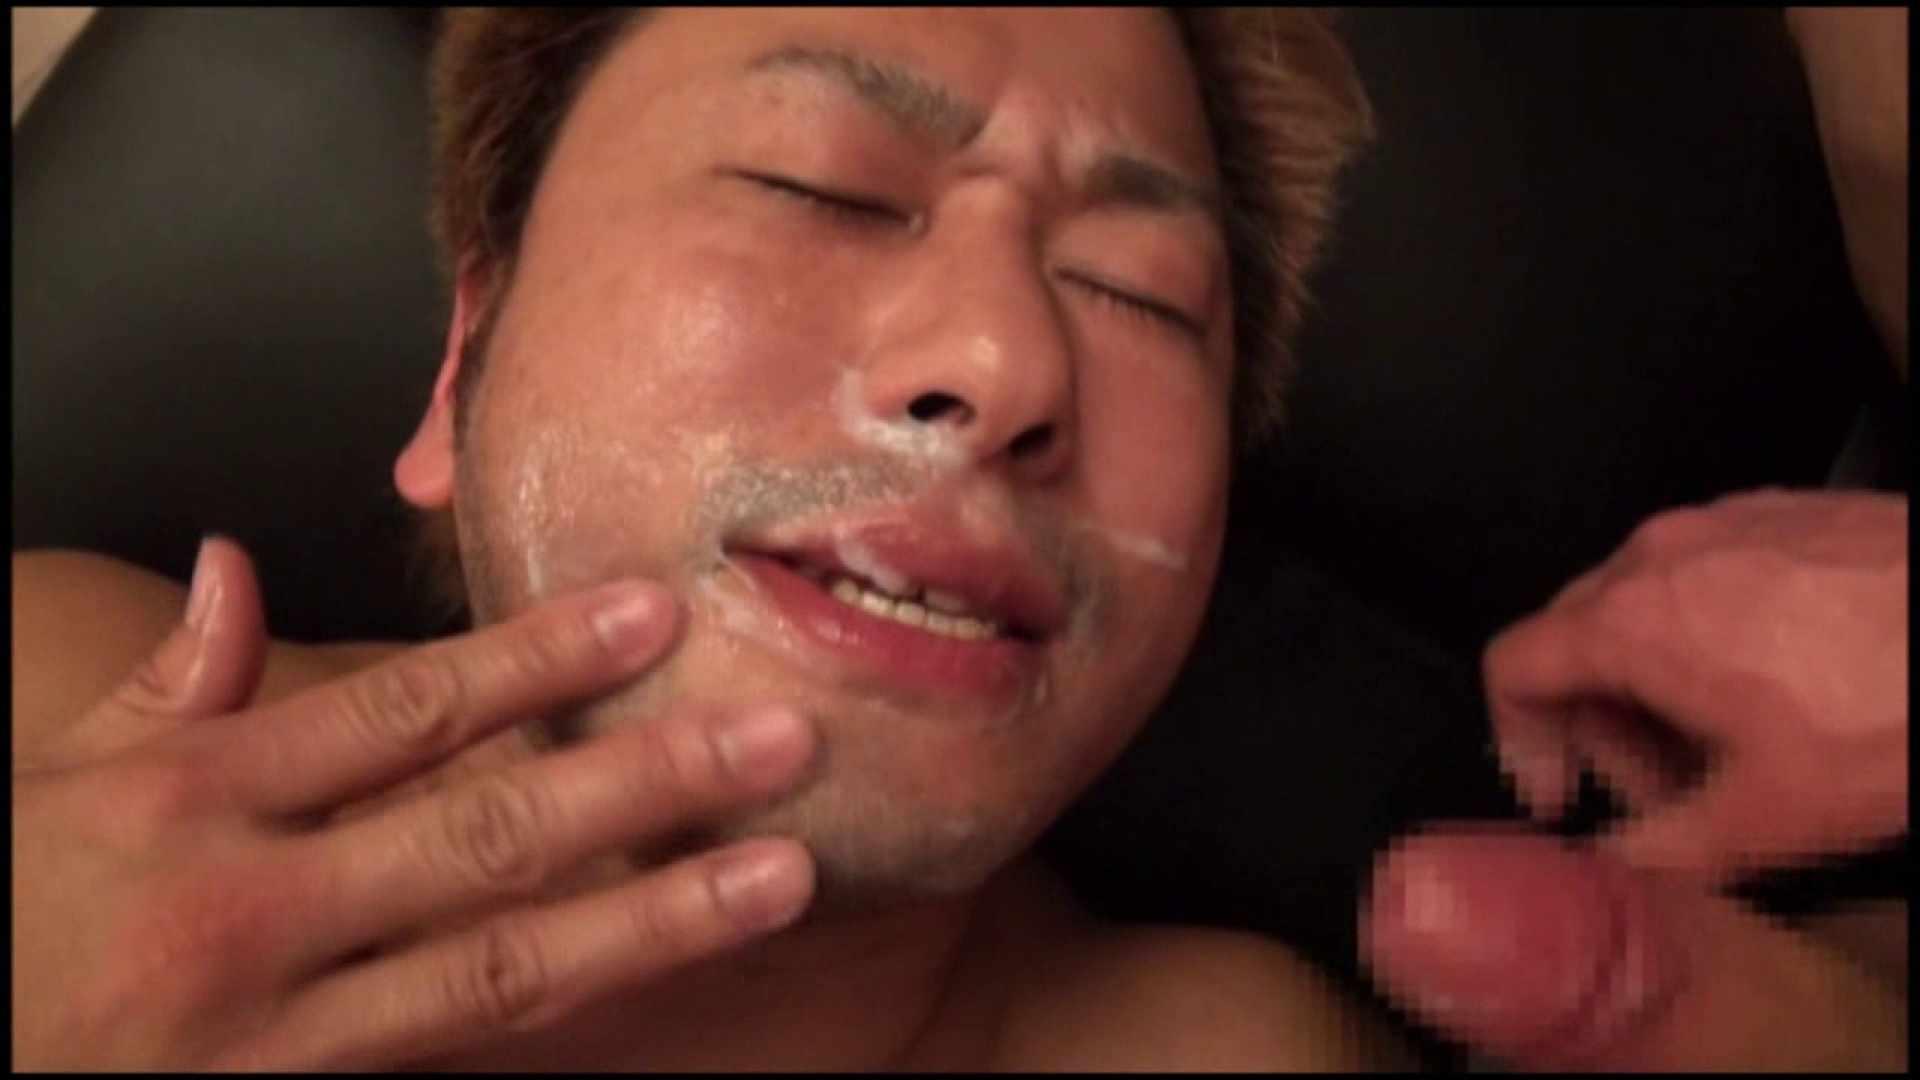 掘って掘ってまた掘って!! No.16 ゲイのアナル 男同士画像 40連発 12